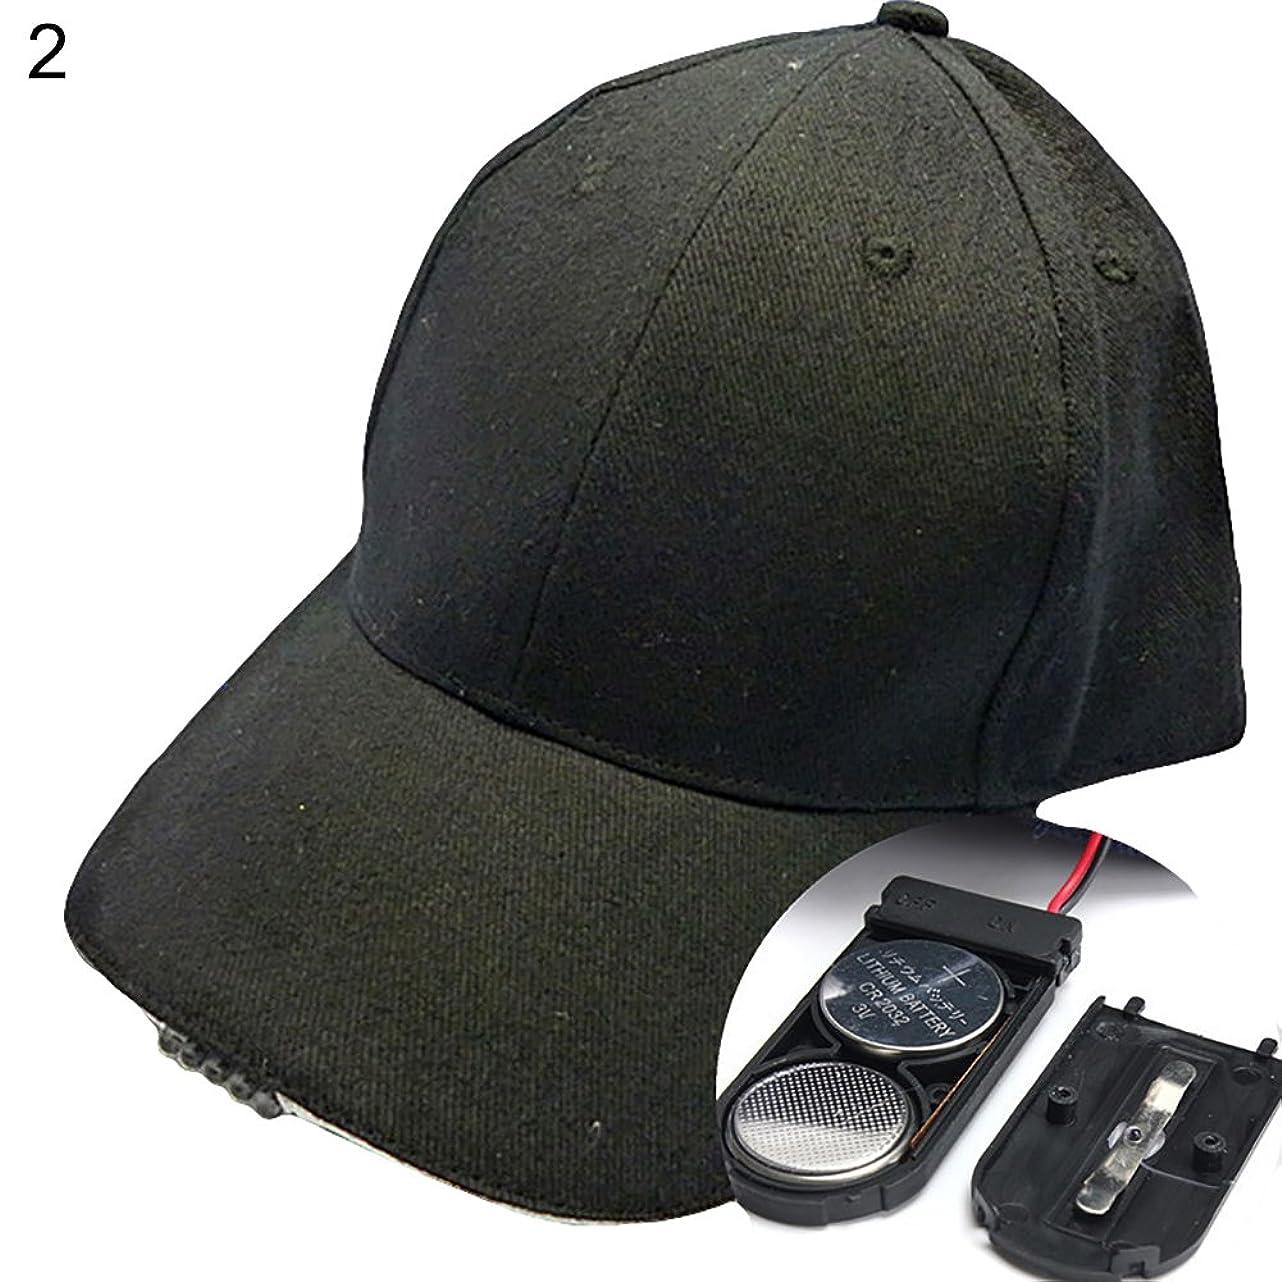 高架薬疎外する856storeキャンプ釣りLEDライトキャップ、充電式/バッテリーキャンプ釣り野球コットンピークメンズ帽子